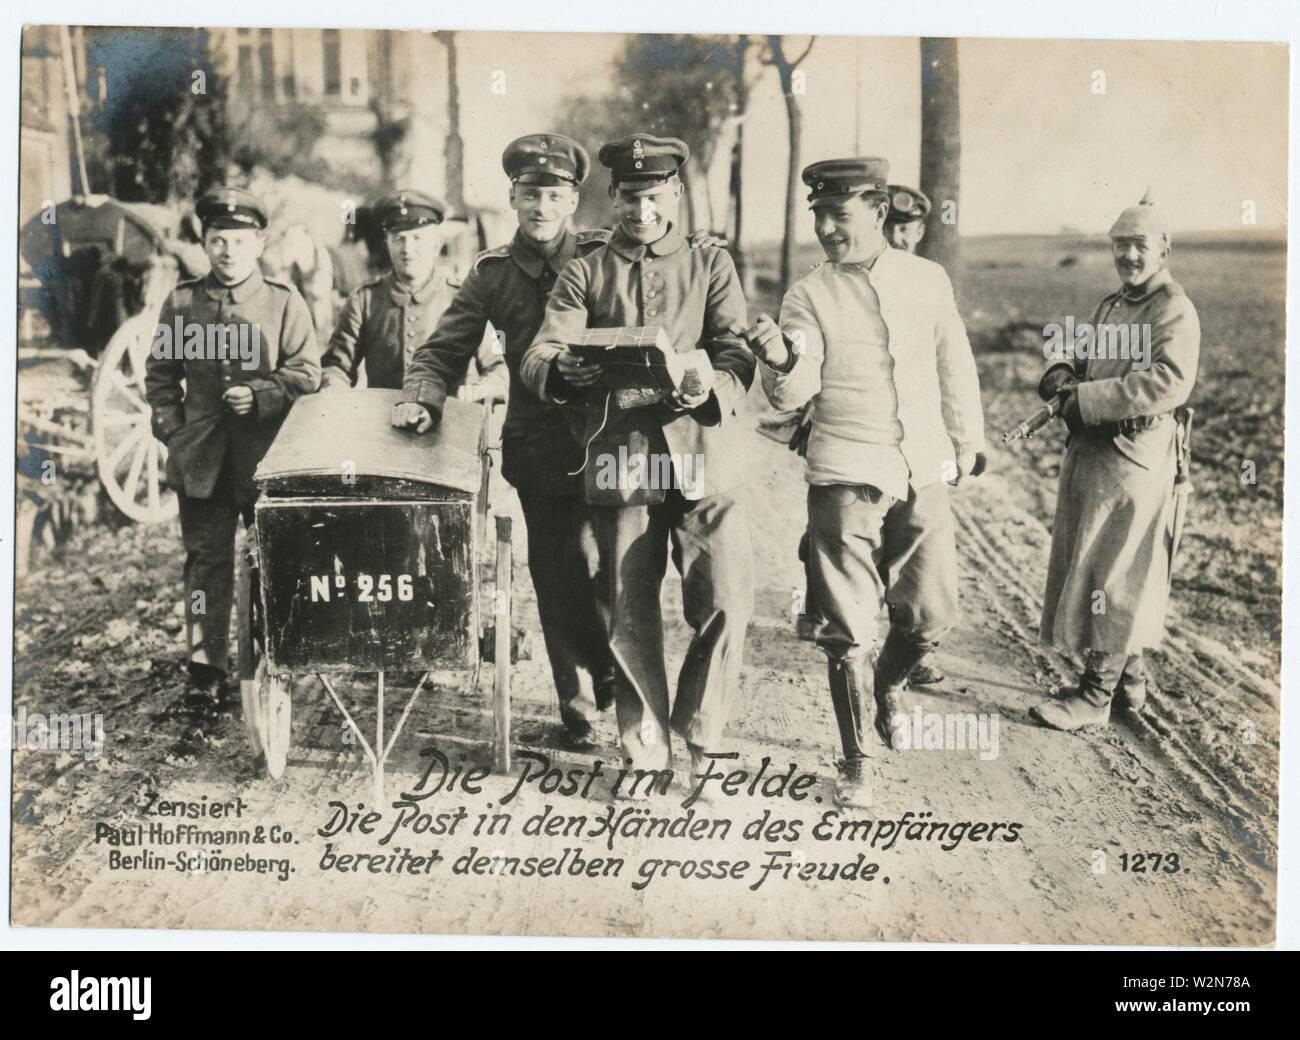 Die Post im Felde. Die Post in den Händen des Empfängers bereitet demselben grosse Freude. Paul Hoffmann & Co. (Publisher). German World War I - Stock Image